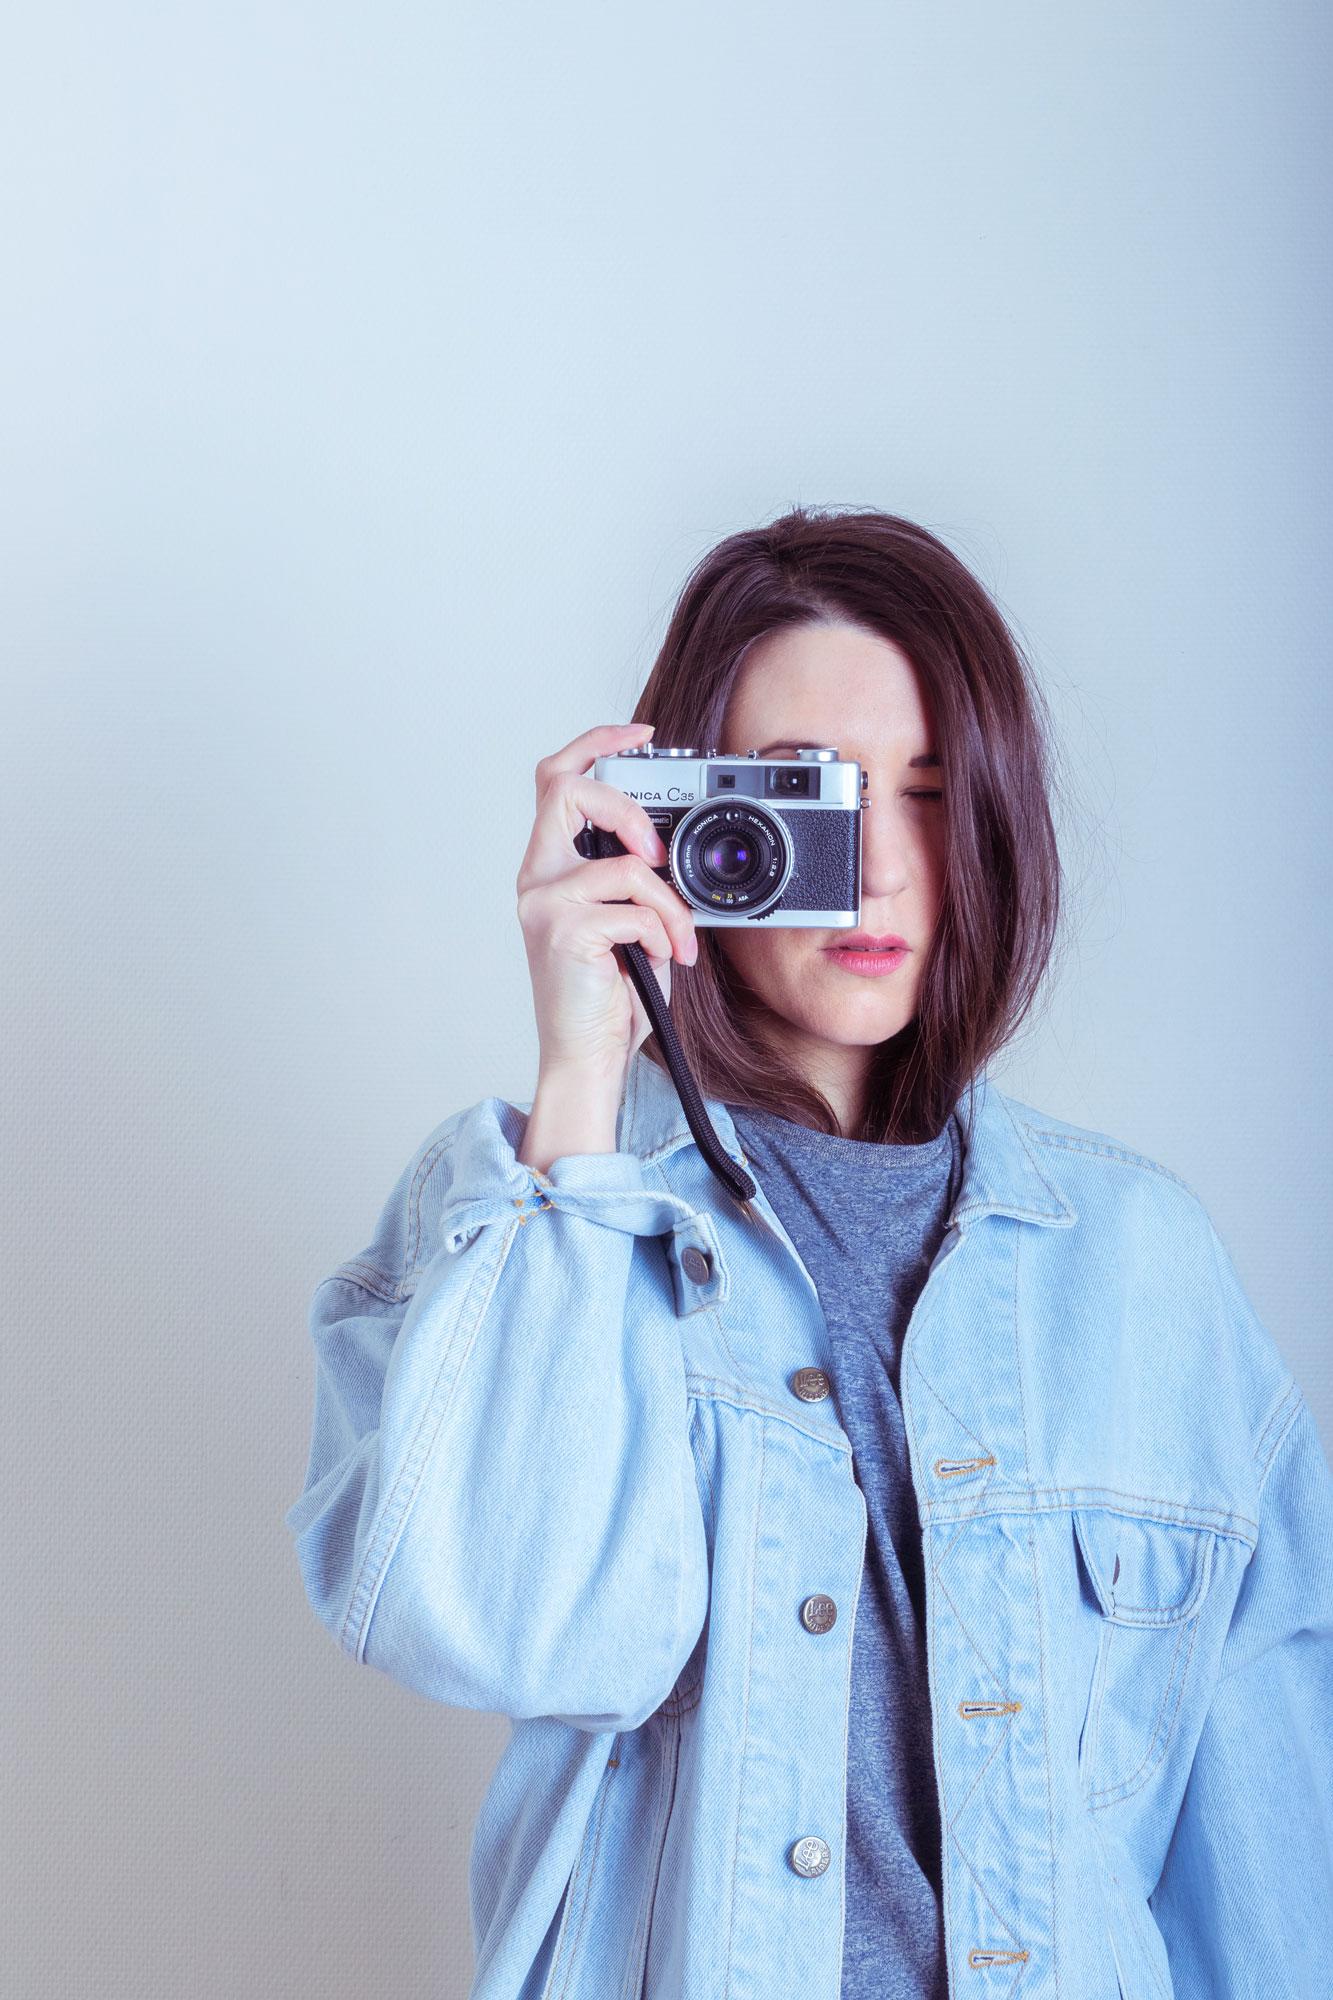 autoportrait_01_clairelefourn